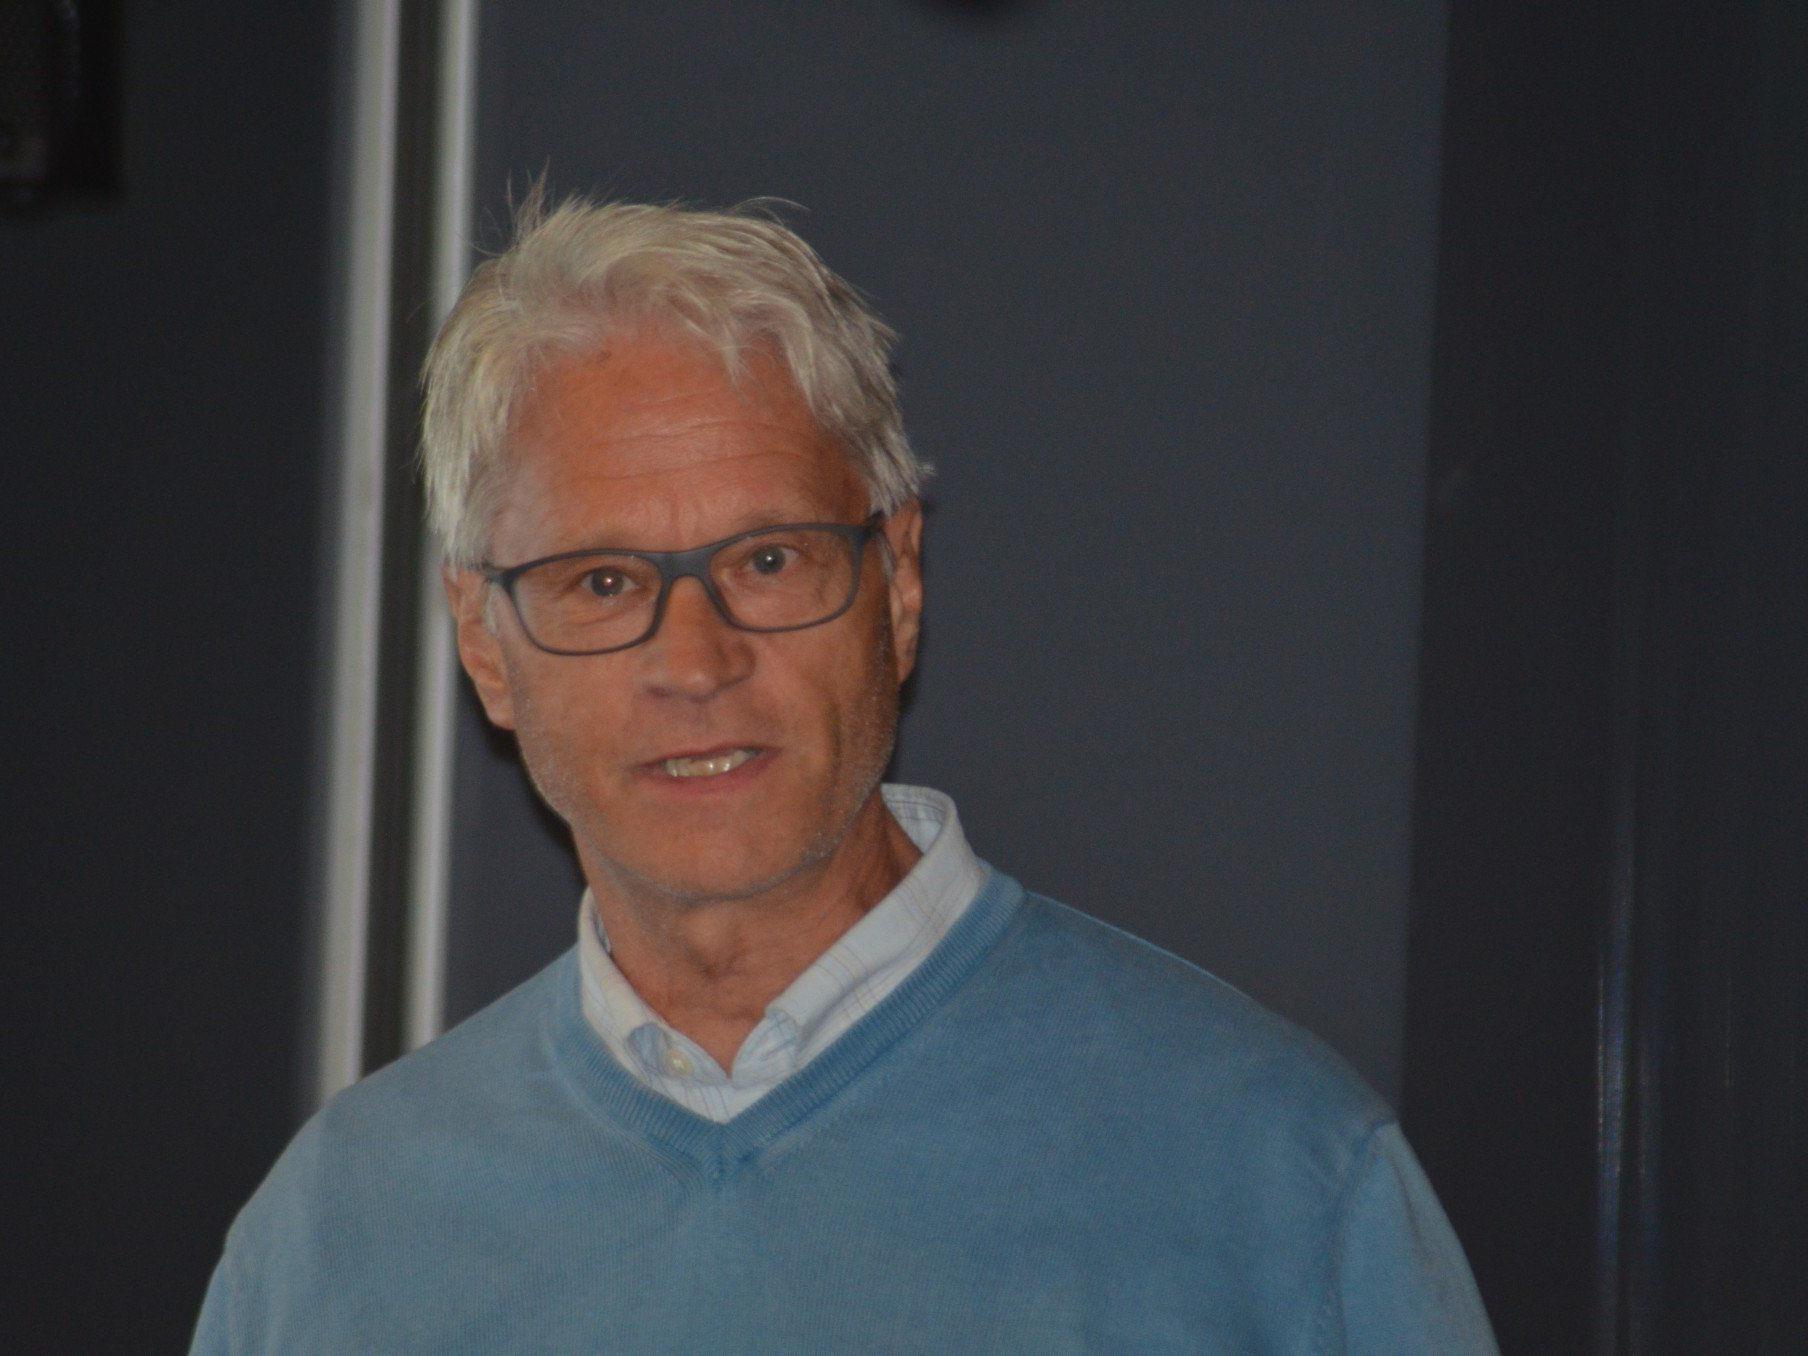 Energiefachmann Wilhelm Schlader vom Energieinstitut informierte die zahlreichen Besucher.